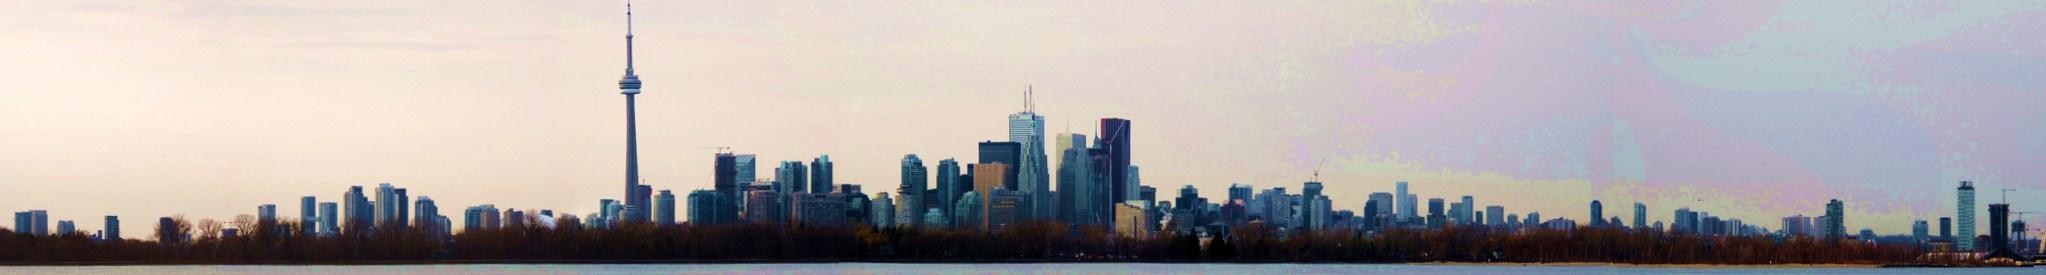 Toronto Skyline from Leslie Street Spit.jpg